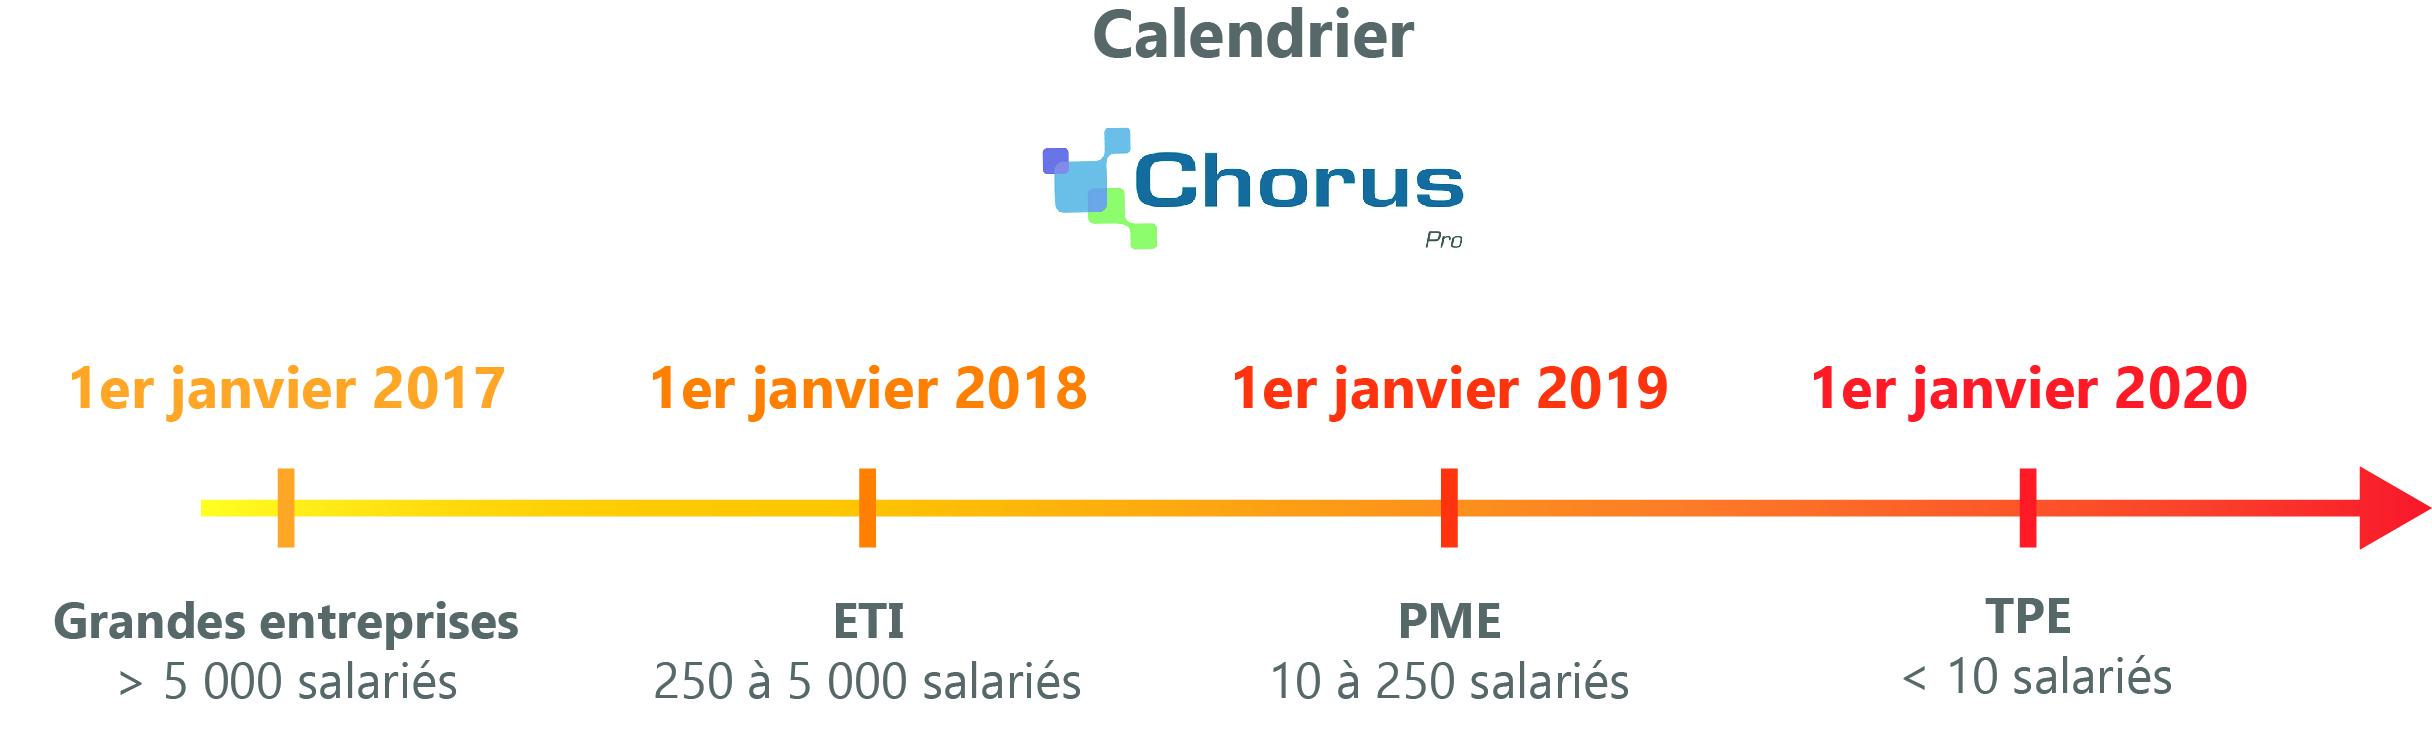 facture électronique calendrier chorus pro